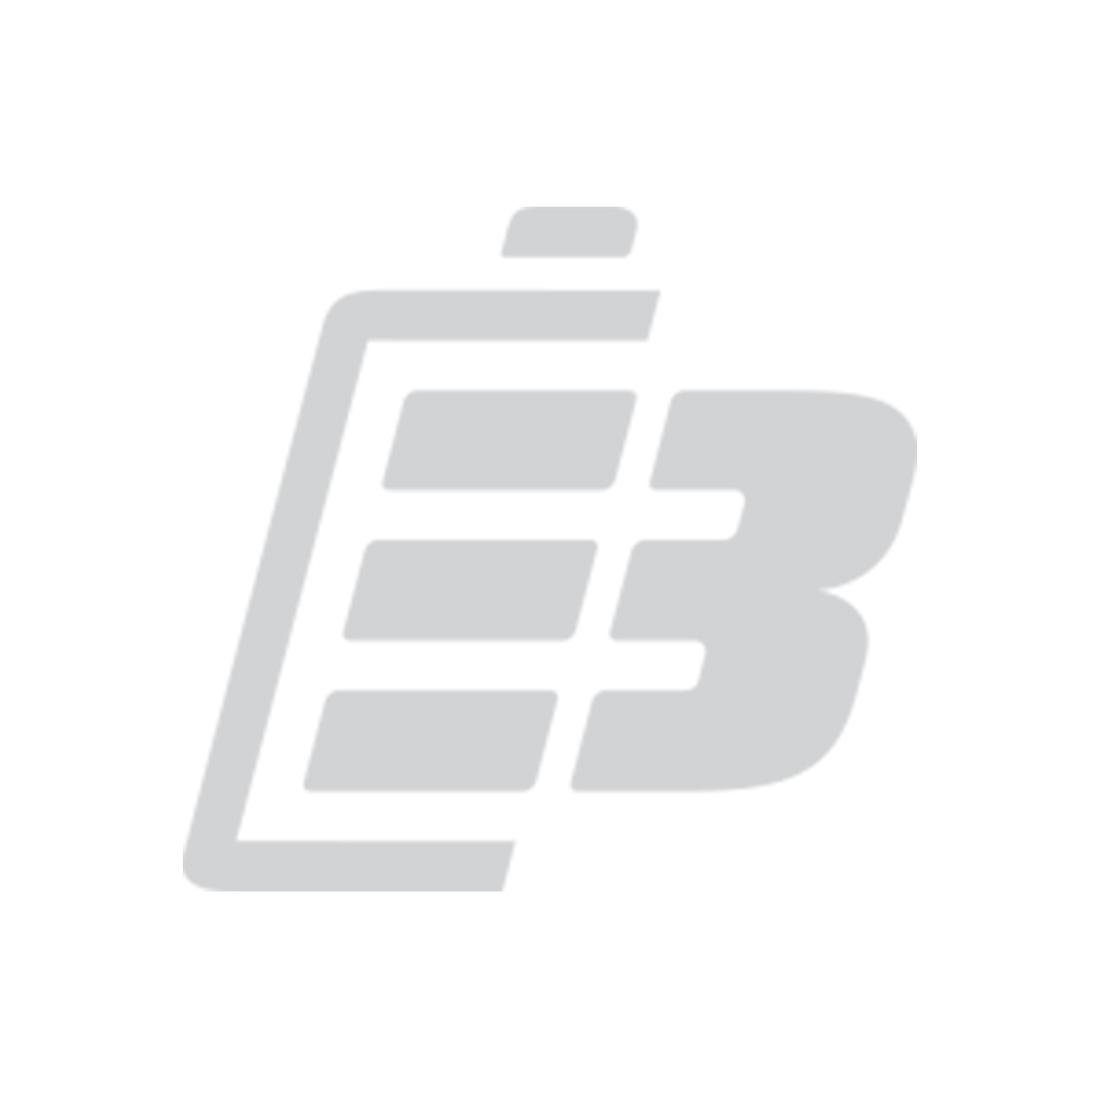 Μπαταρία κινητού τηλεφώνου LG KU250_1